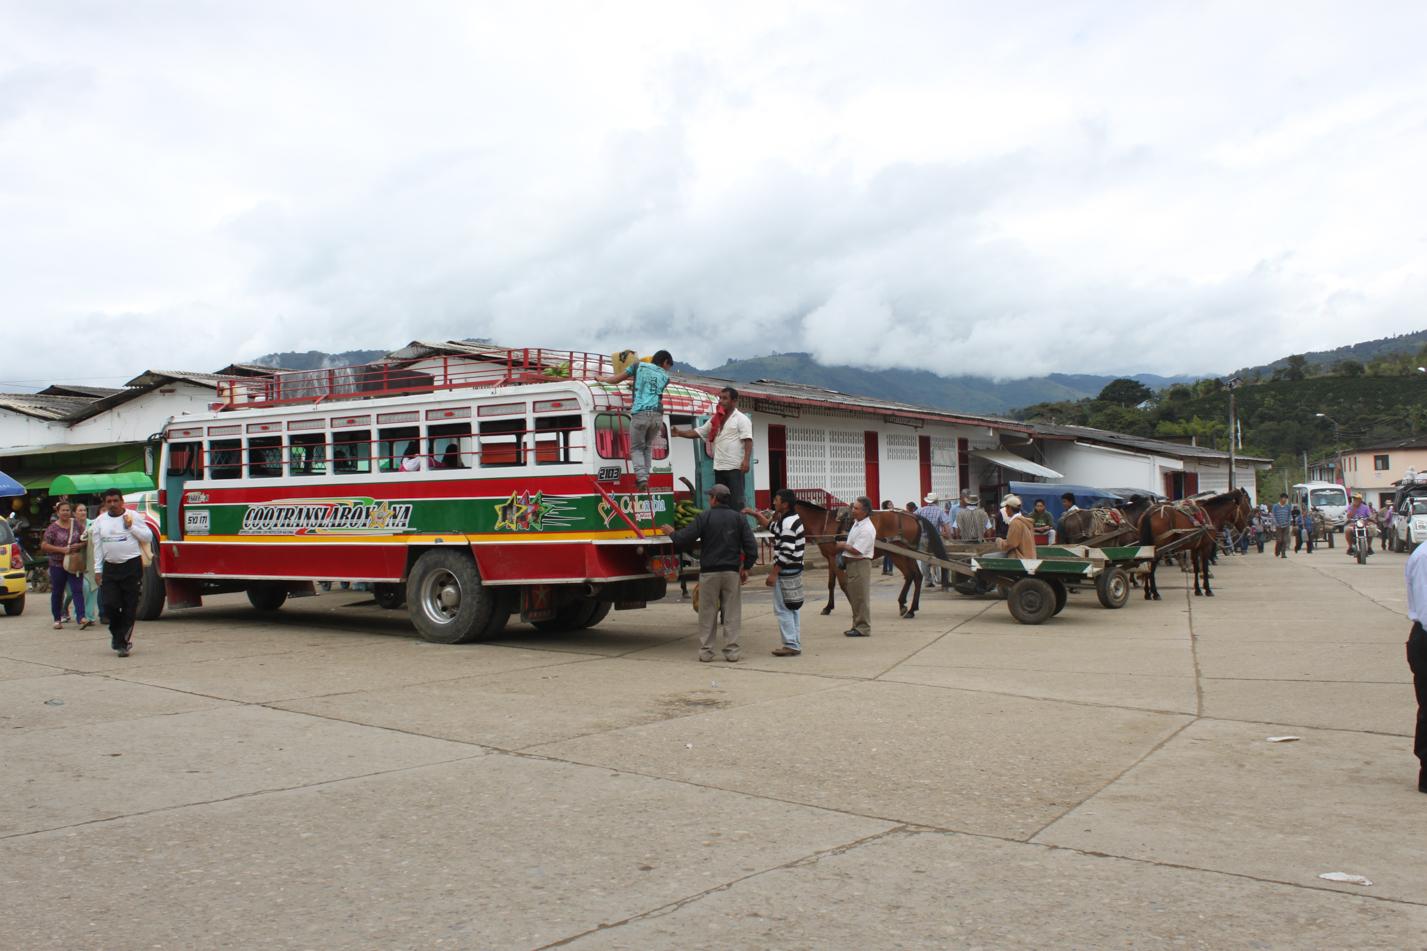 Auch um den Mercado herrscht stets ein reges Treiben. Busse halten und bringen Nachschub.